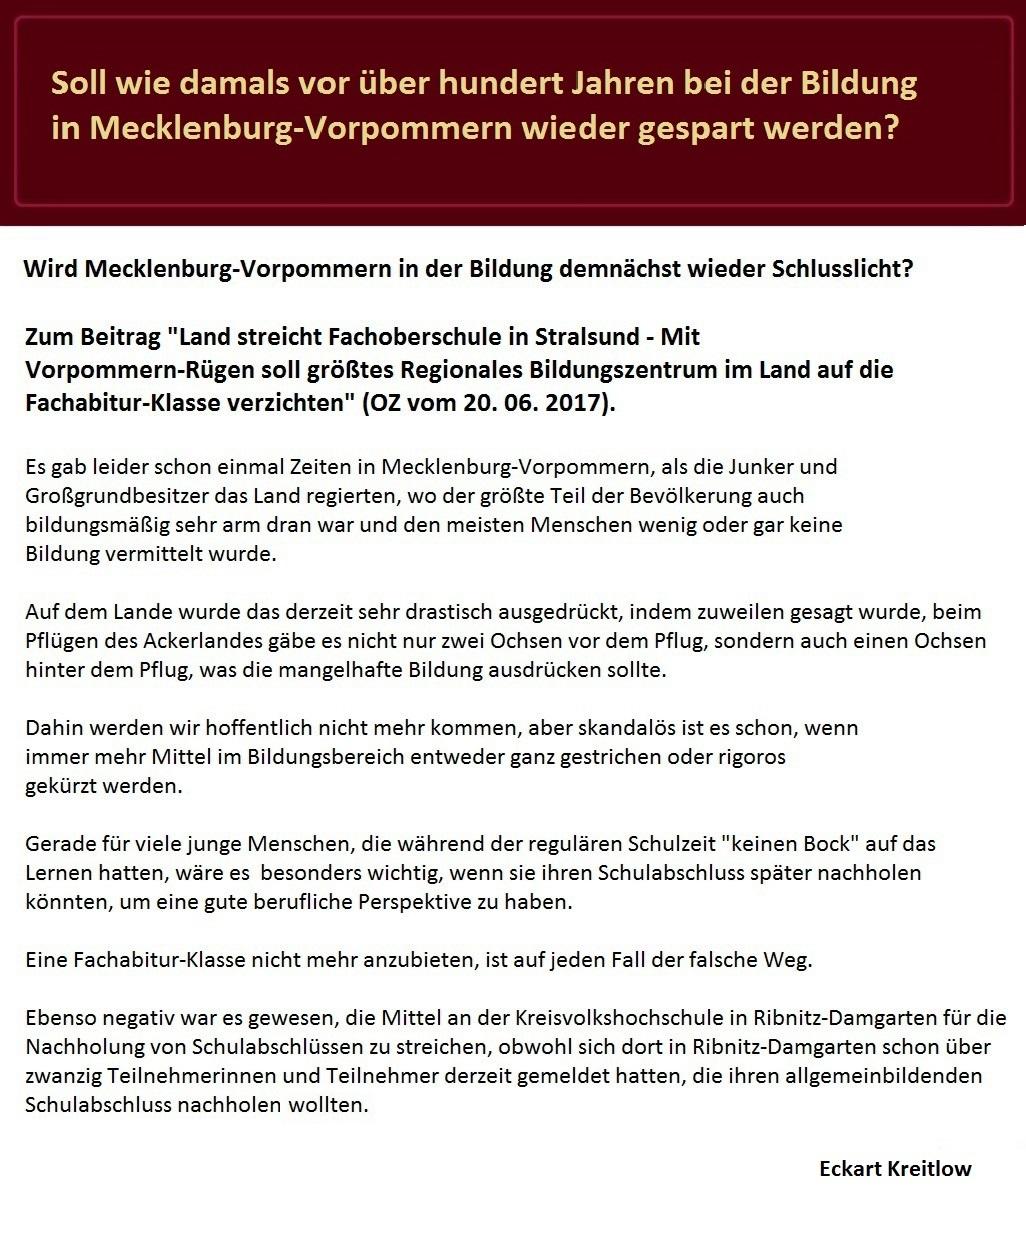 Soll Mecklenburg-Vorpommern in der Bildung wieder Schlusslicht werden? - Leserbrief von Eckart Kreitlow an die Ostsee-Zeitung zum Beitrag Land streicht Fachoberschule in Stralsund - OZ vom 20. Juni 2017 - Ausgabe Ribnitz-Damgarten - Seite 9